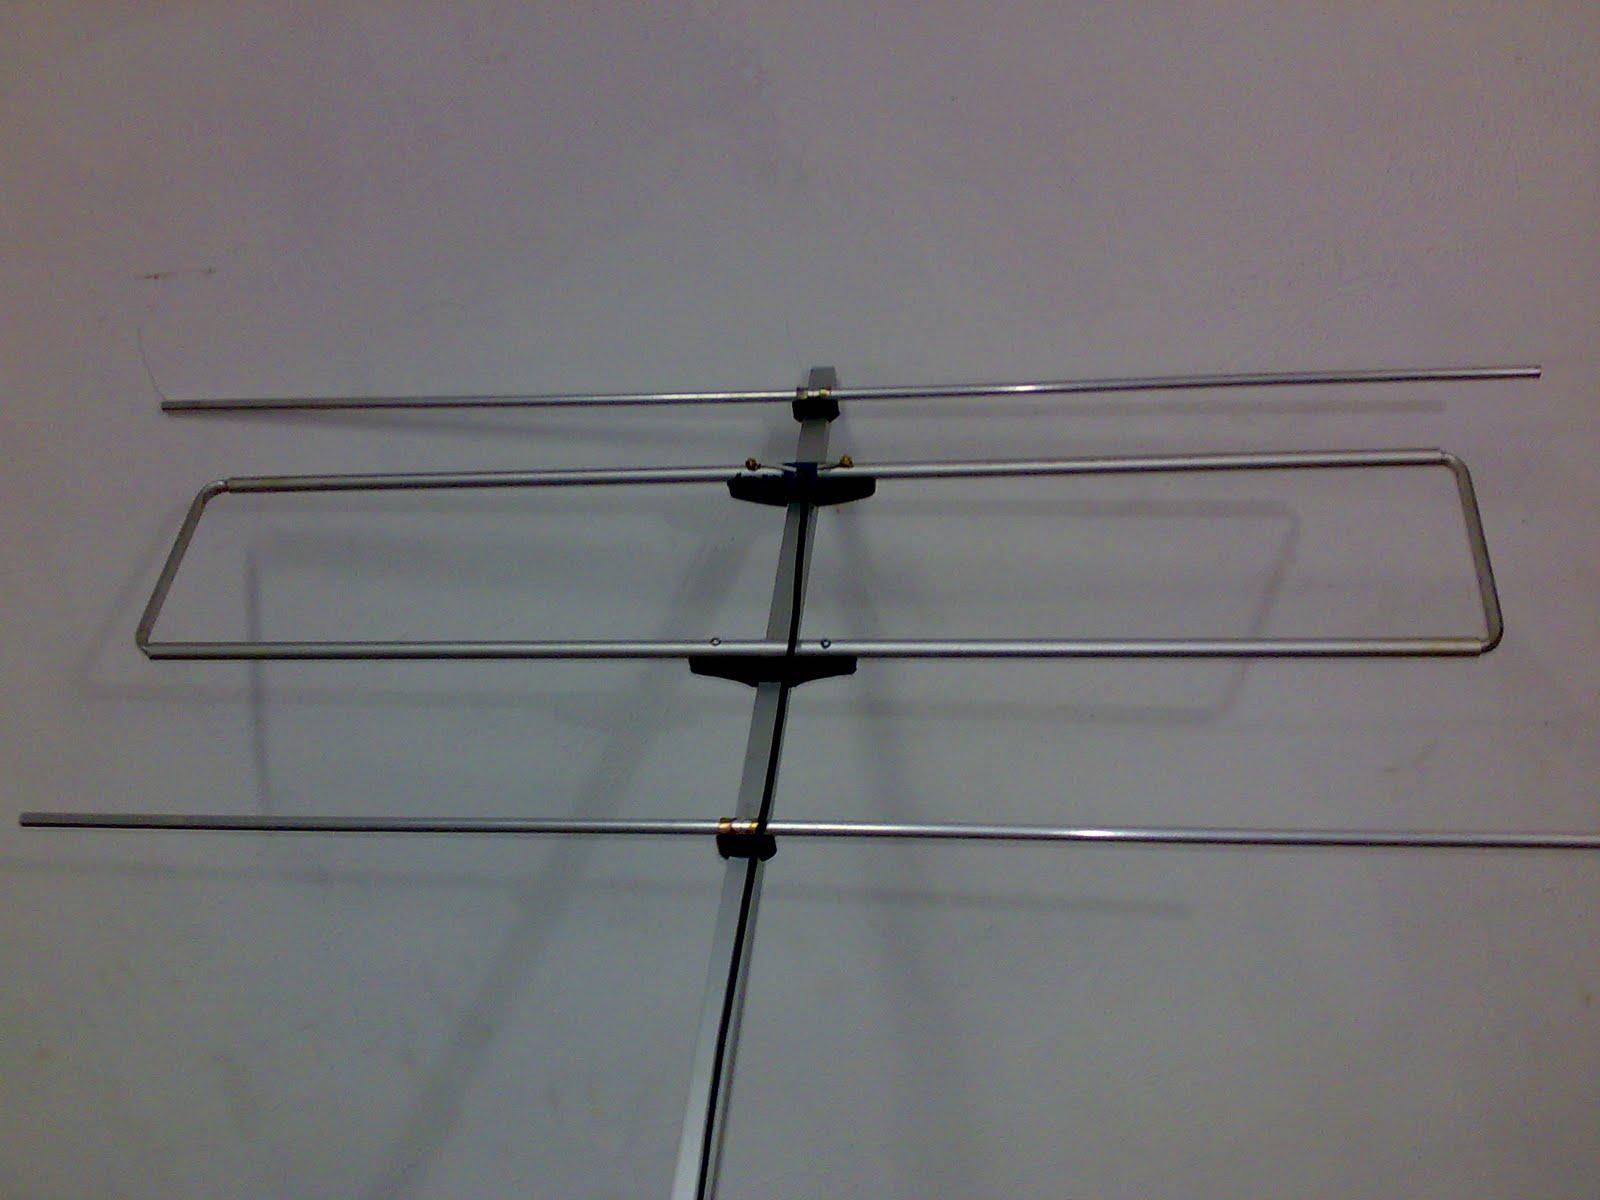 2 Meter Yagi Antenna